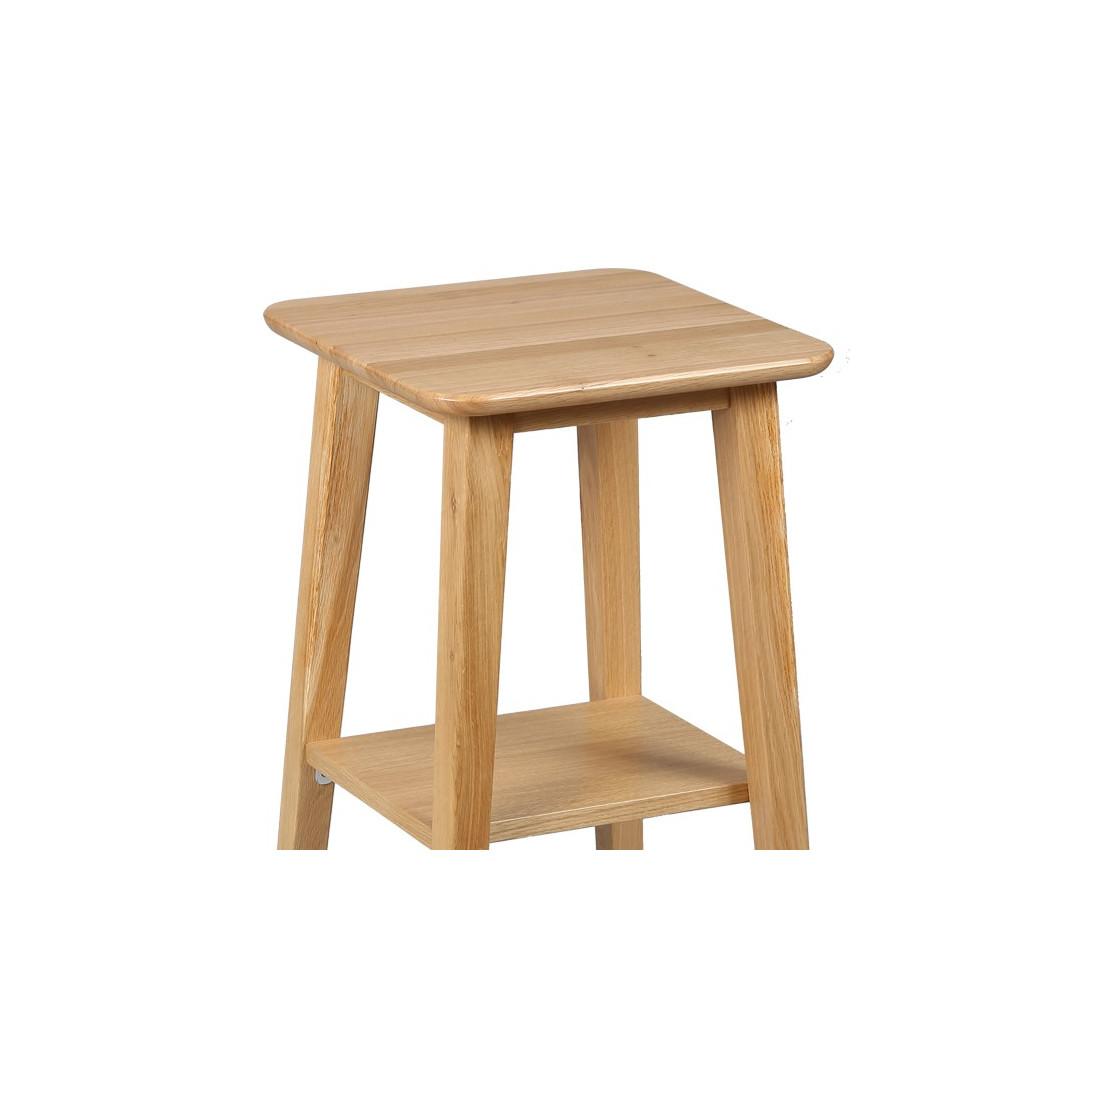 Sellette en bois for Petits meubles en bois